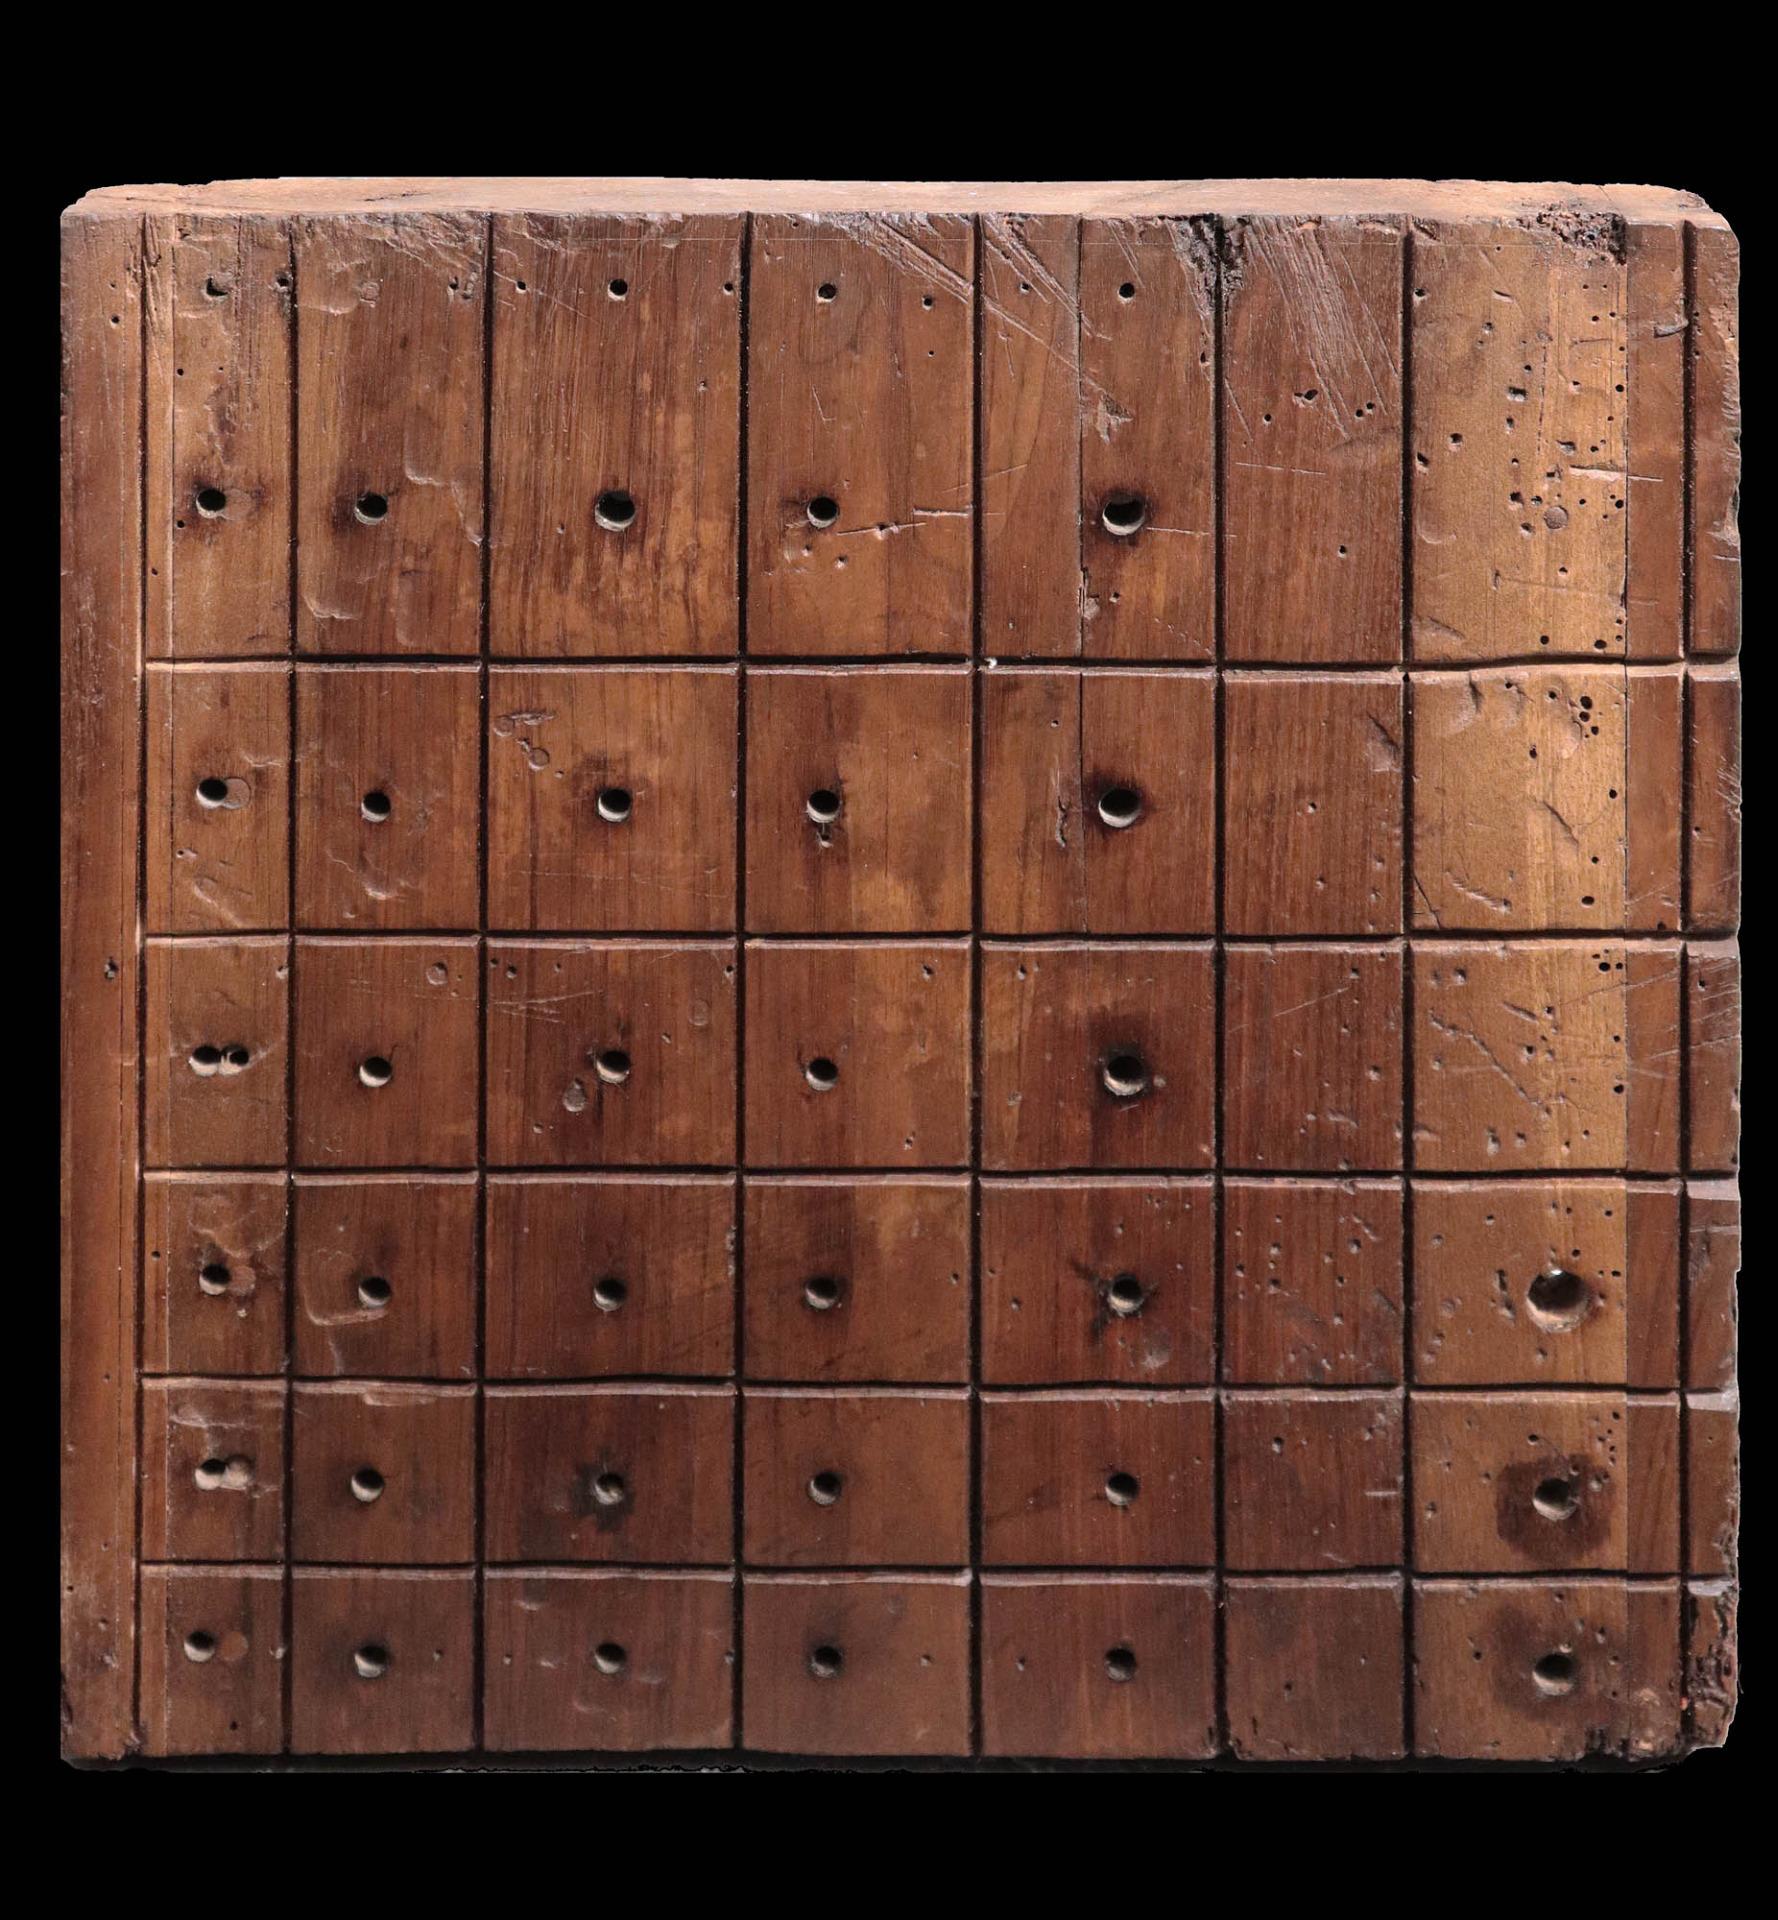 Pannello parte di organo. Toscana, Sec. XVI